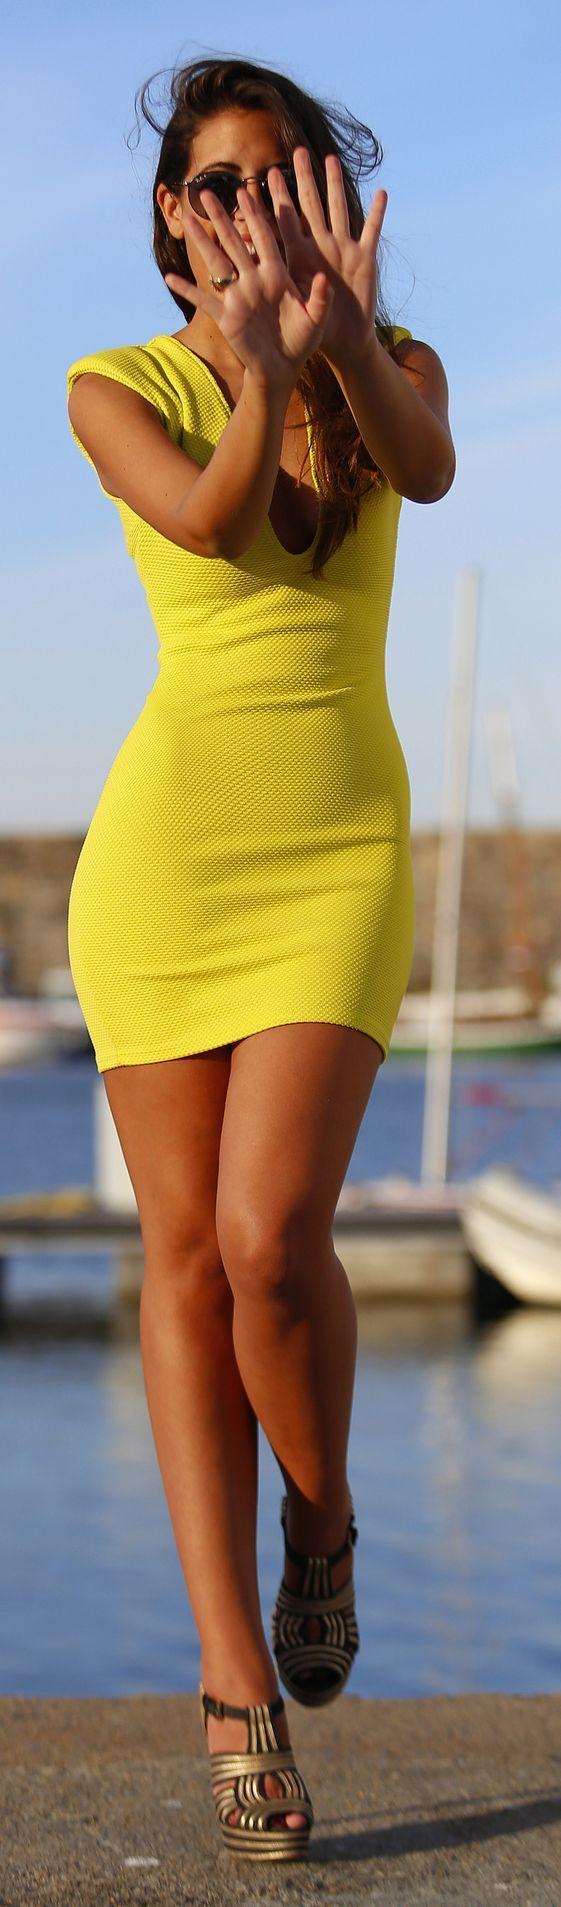 Yellow Body-con Dress Feminine Style by 1sillaparamibolso